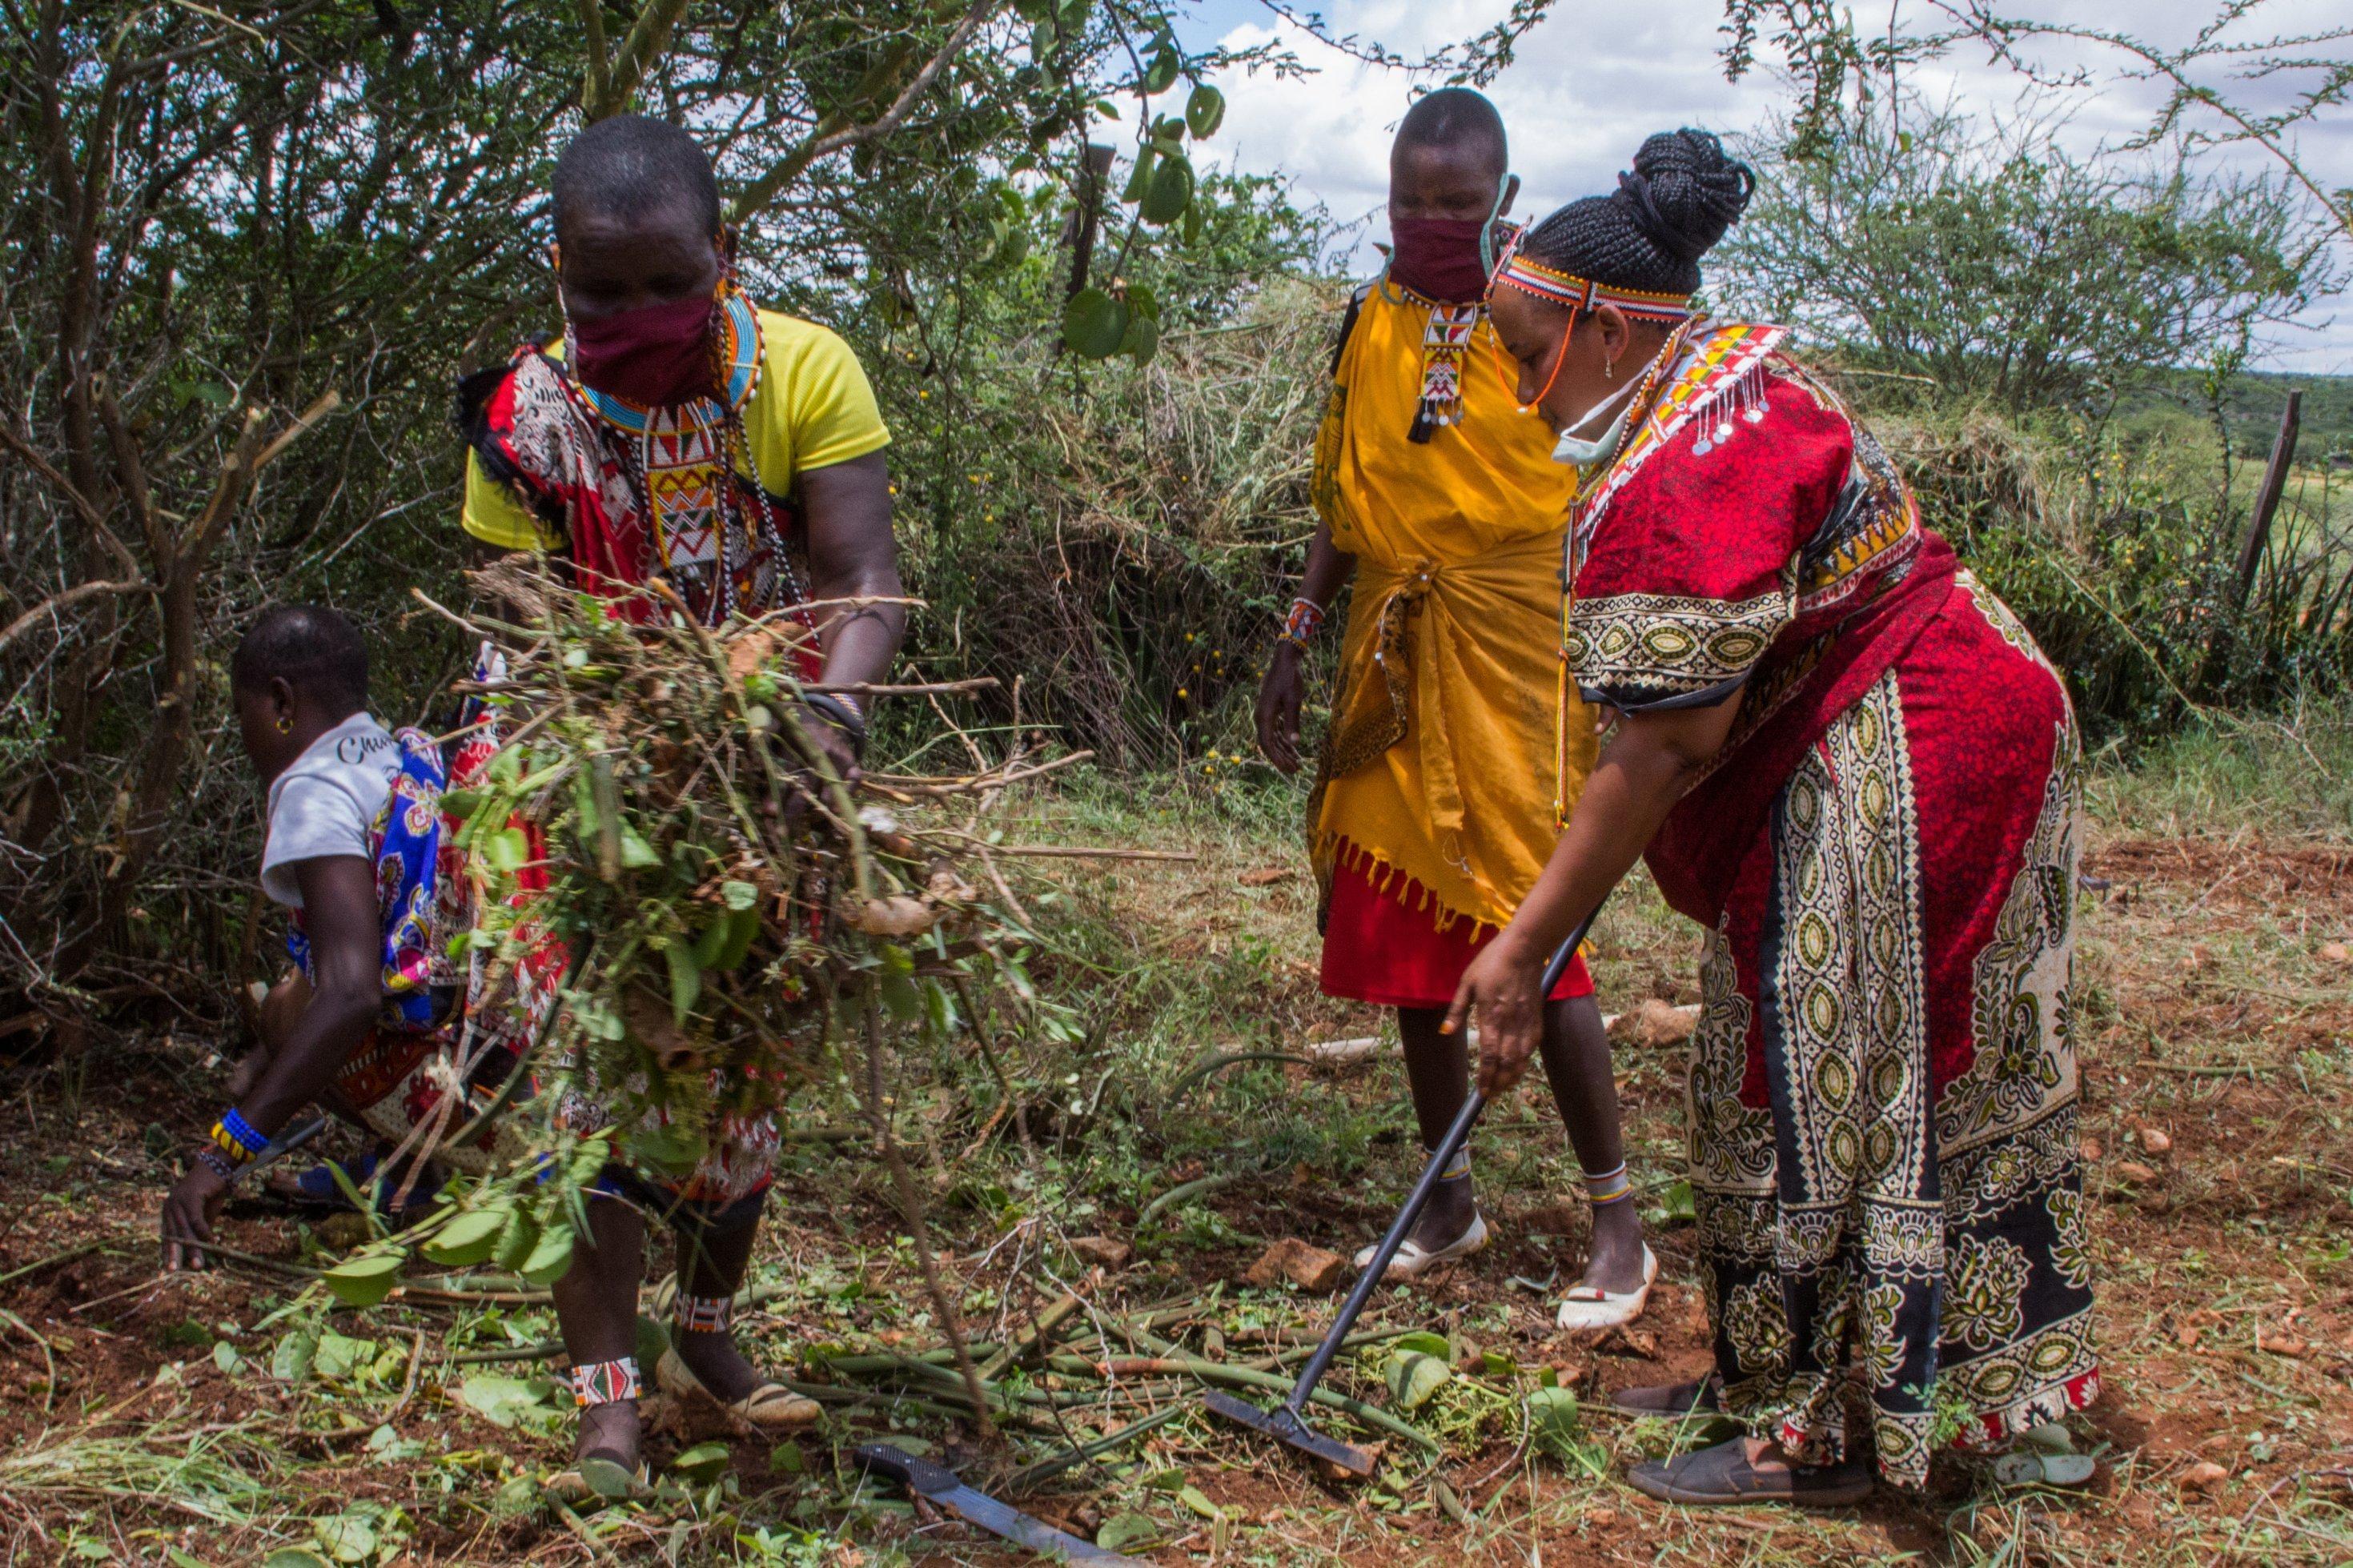 Ellie Modesta rodet gemeinsam mit anderen Maasai-Frauen ein Stück Land im Garten der Massai-Lodge in Laikipia. Hier wollen sie Gemüse anbauen.